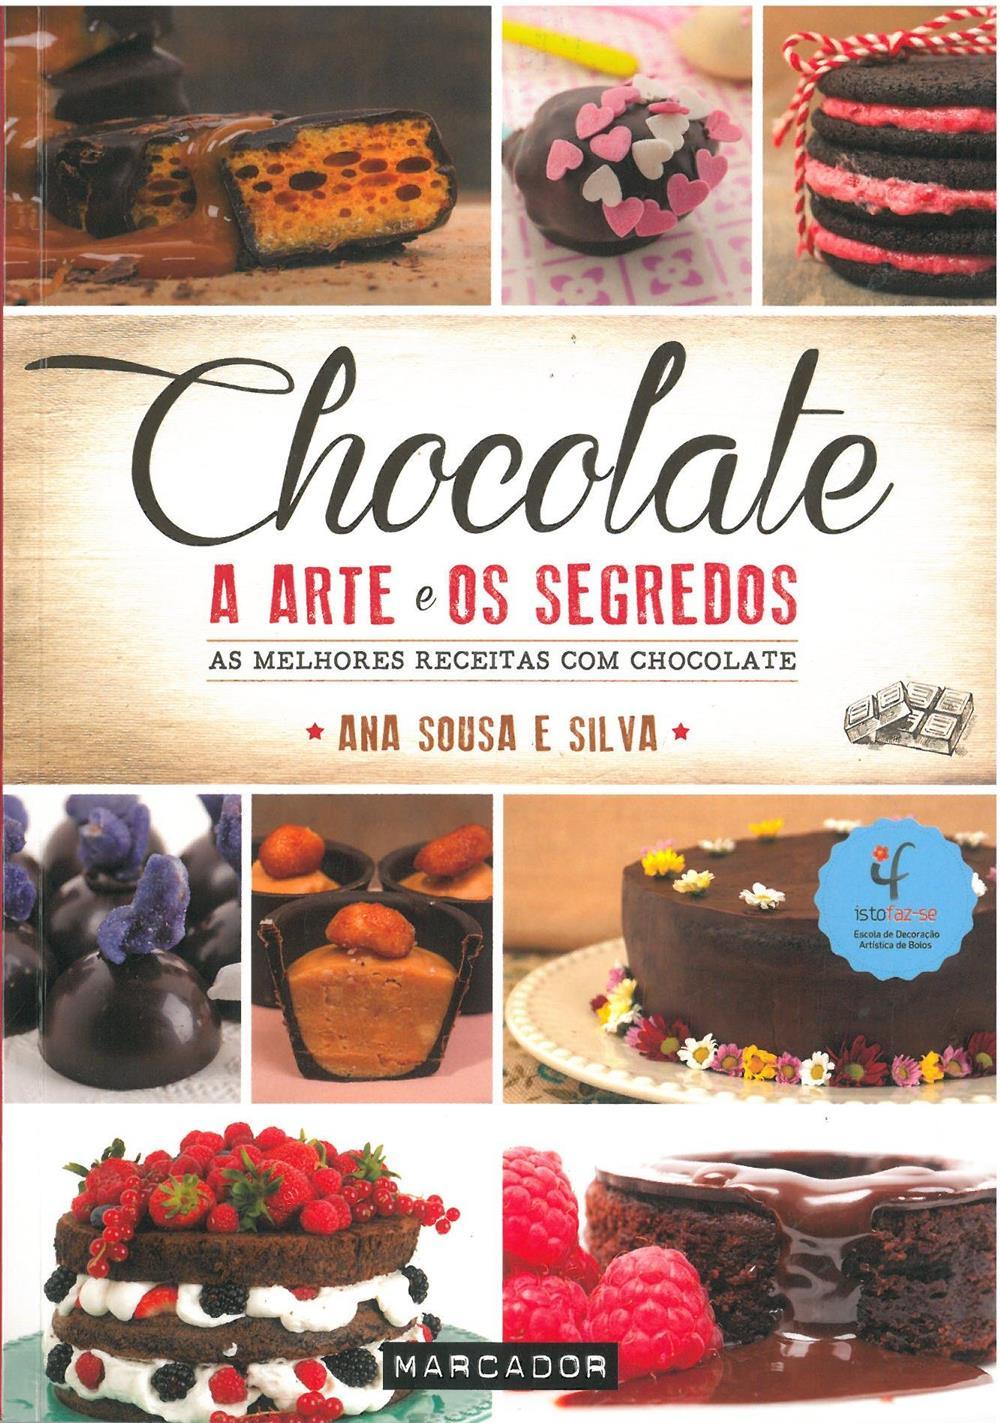 Chocolate_a arte e os segredos_.jpg